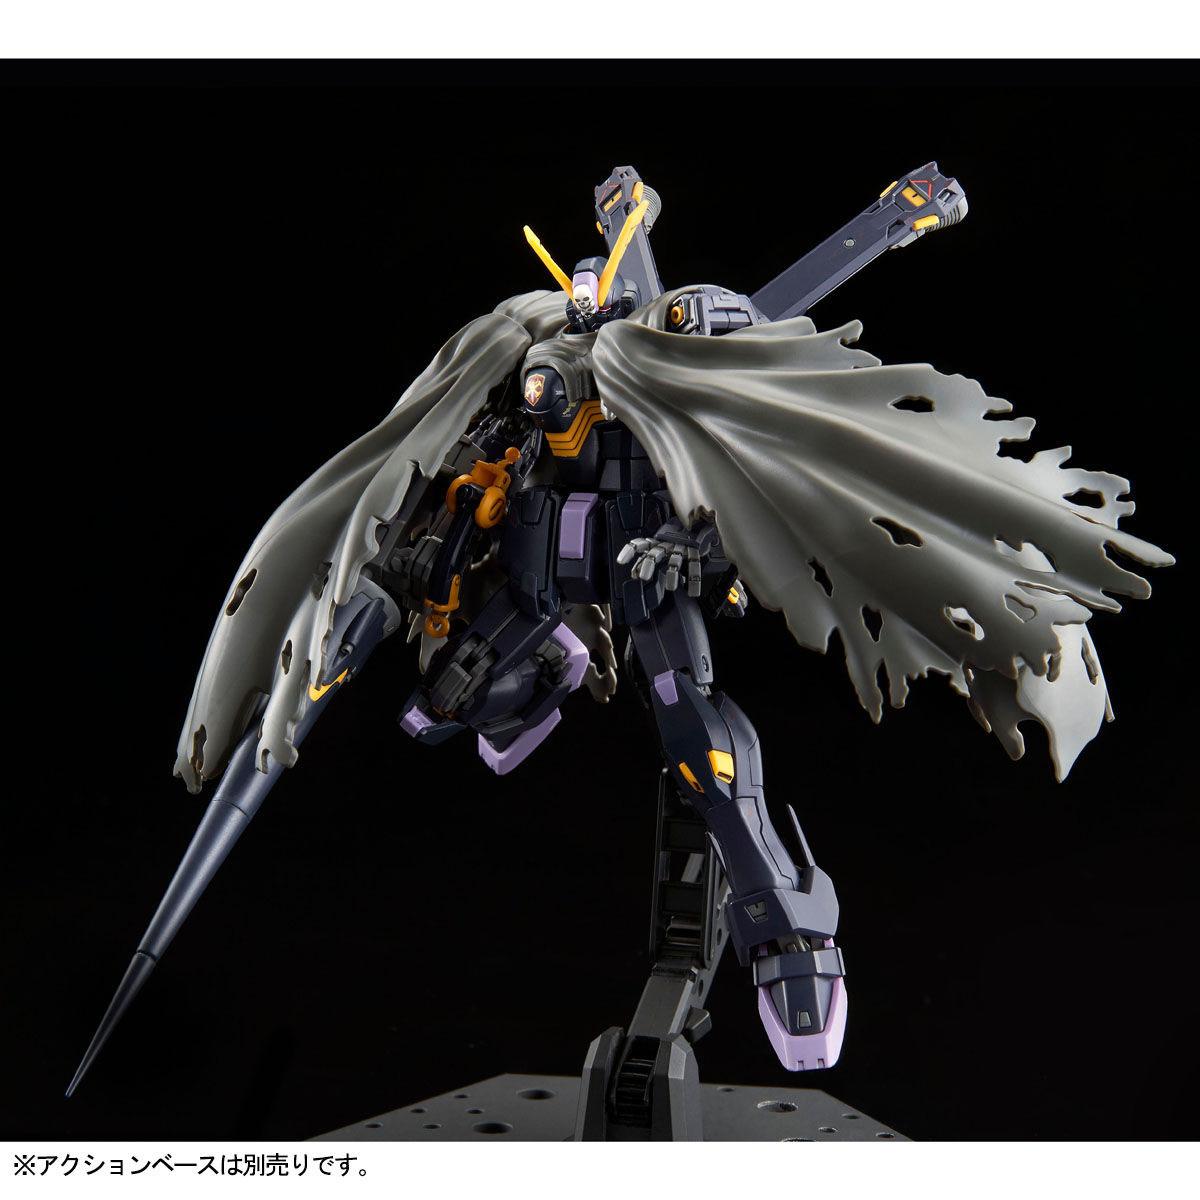 【限定販売】RG 1/144『クロスボーン・ガンダムX2』プラモデル-003